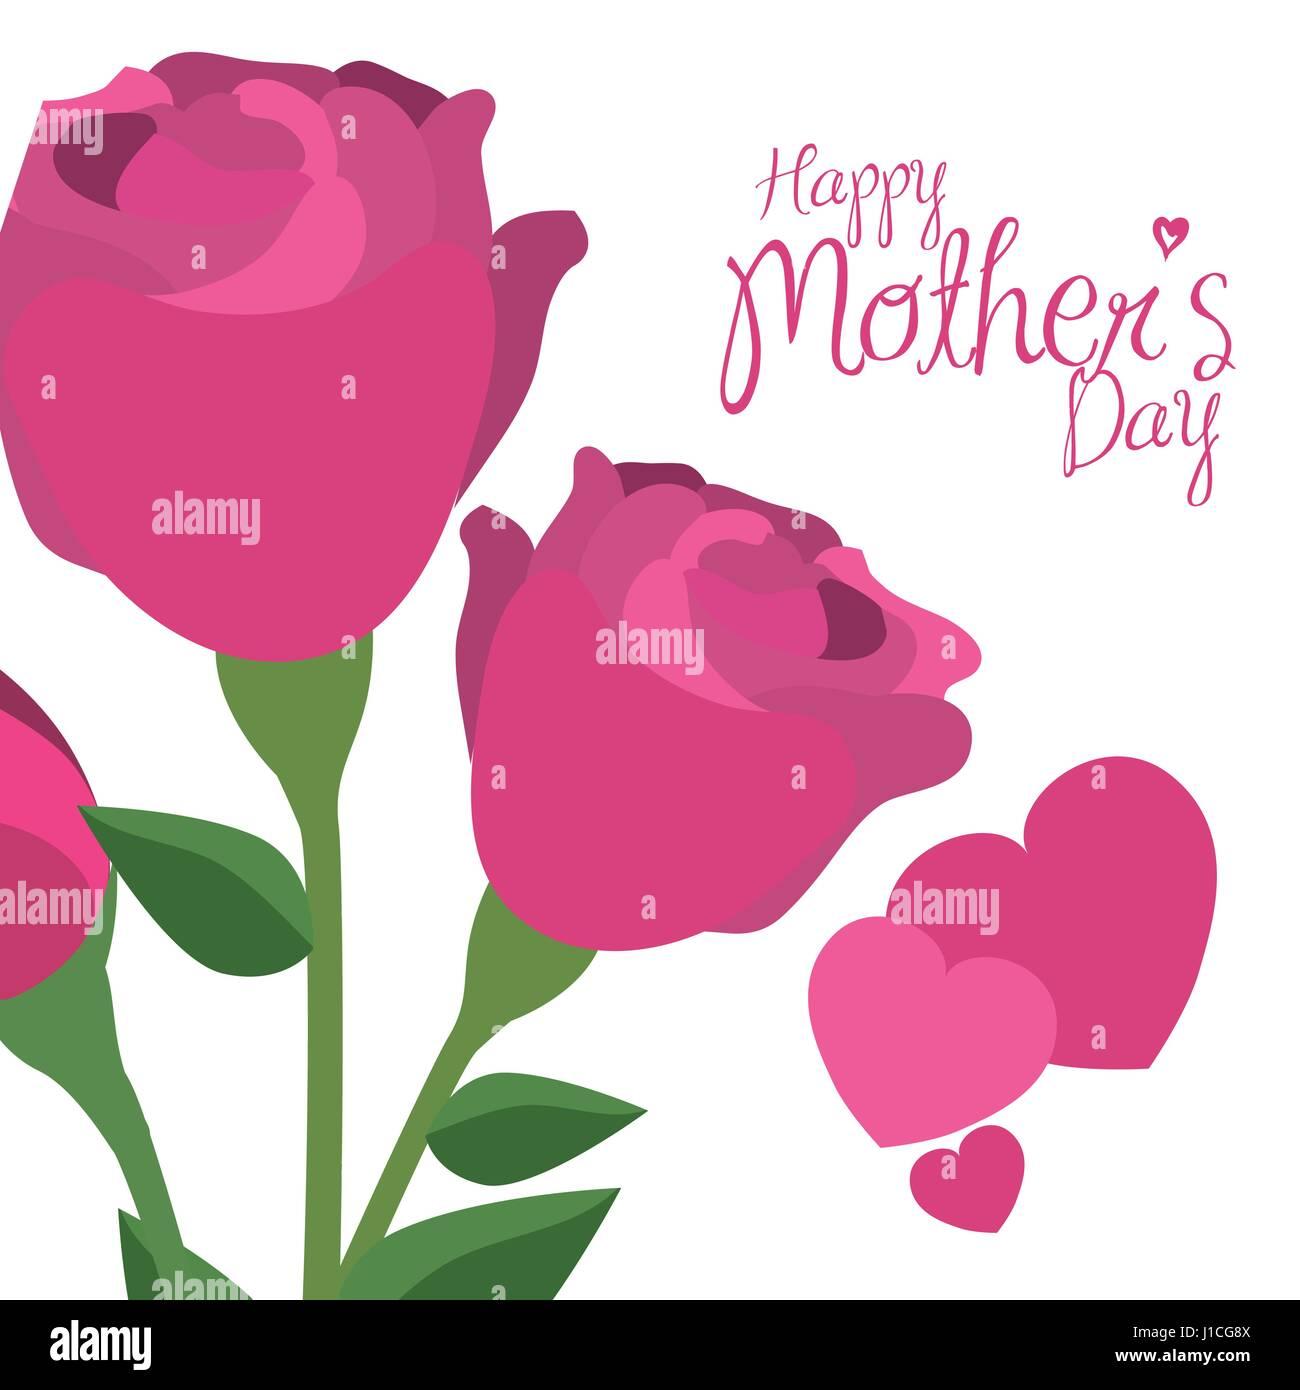 Feliz Día De La Madre Rosas Rosas Corazones Decorativos Ilustración